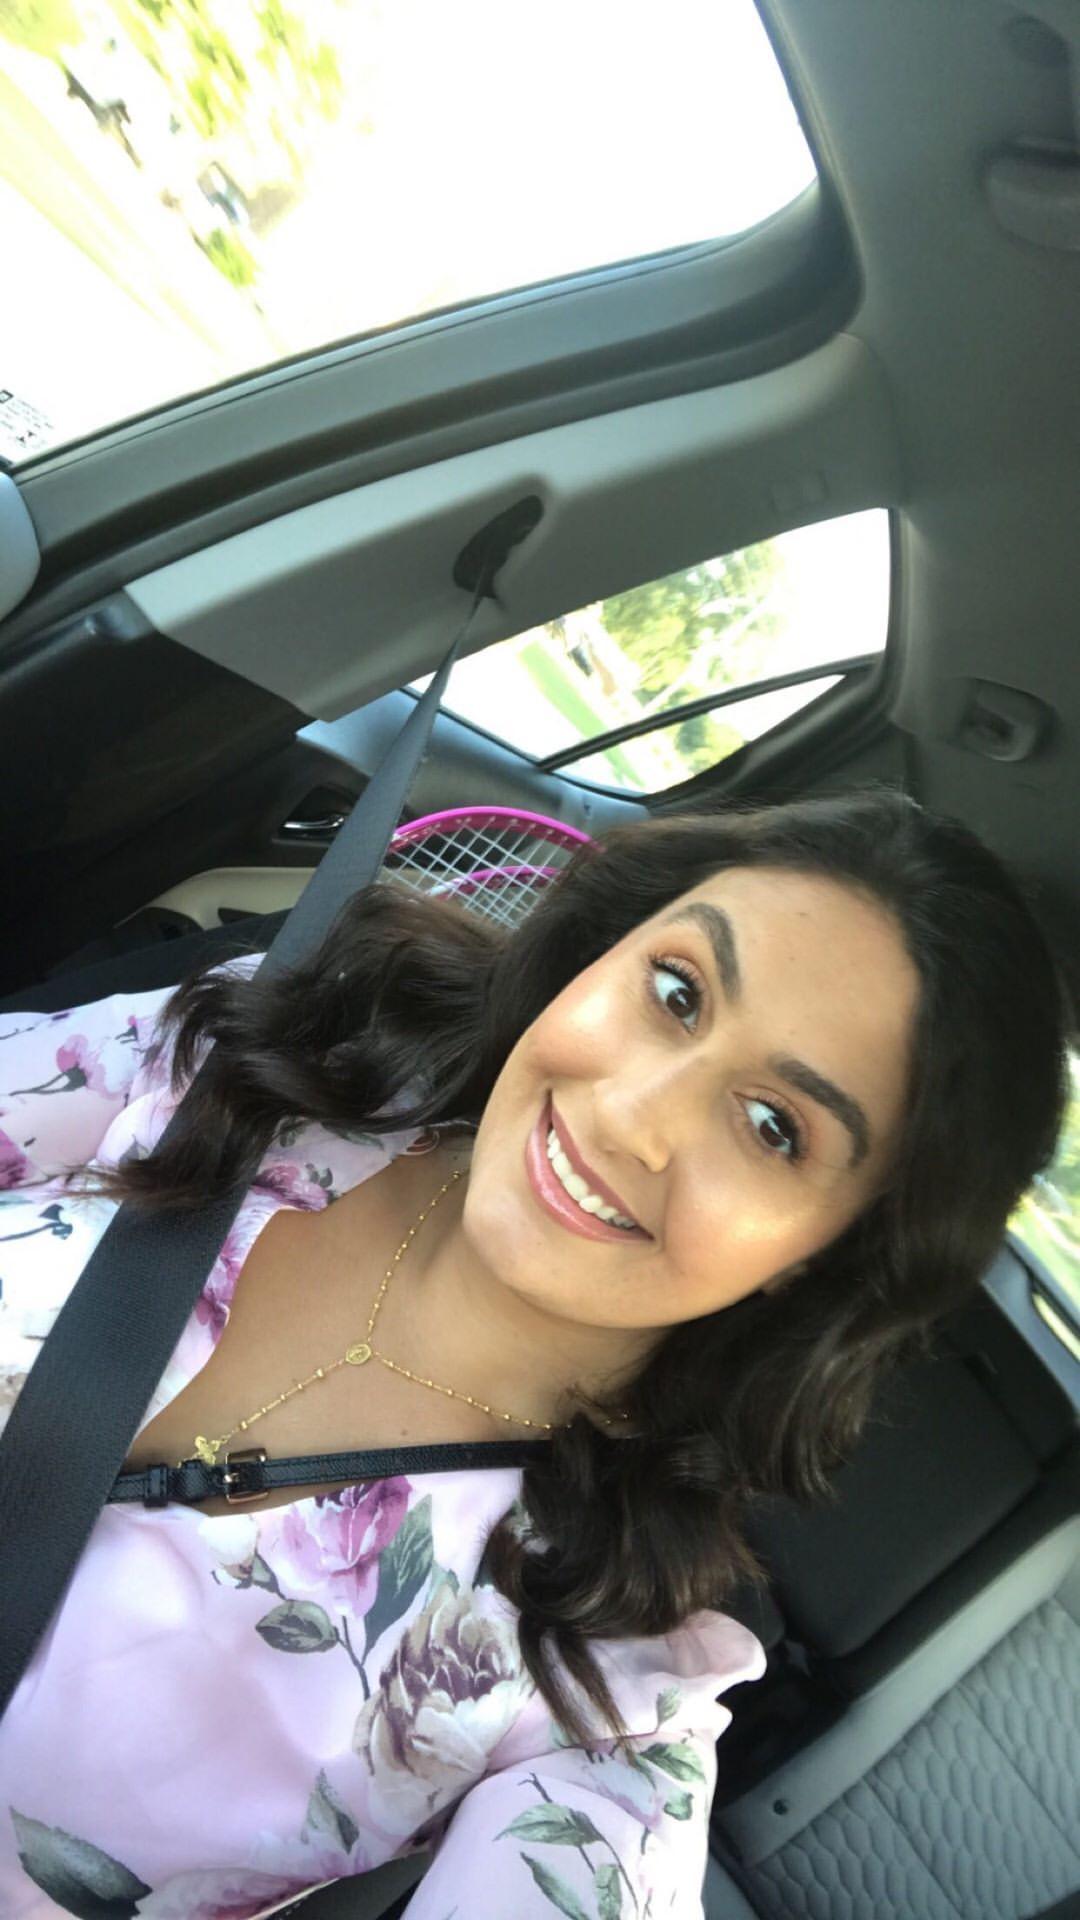 Christina Toma, Shelby Twp., 25